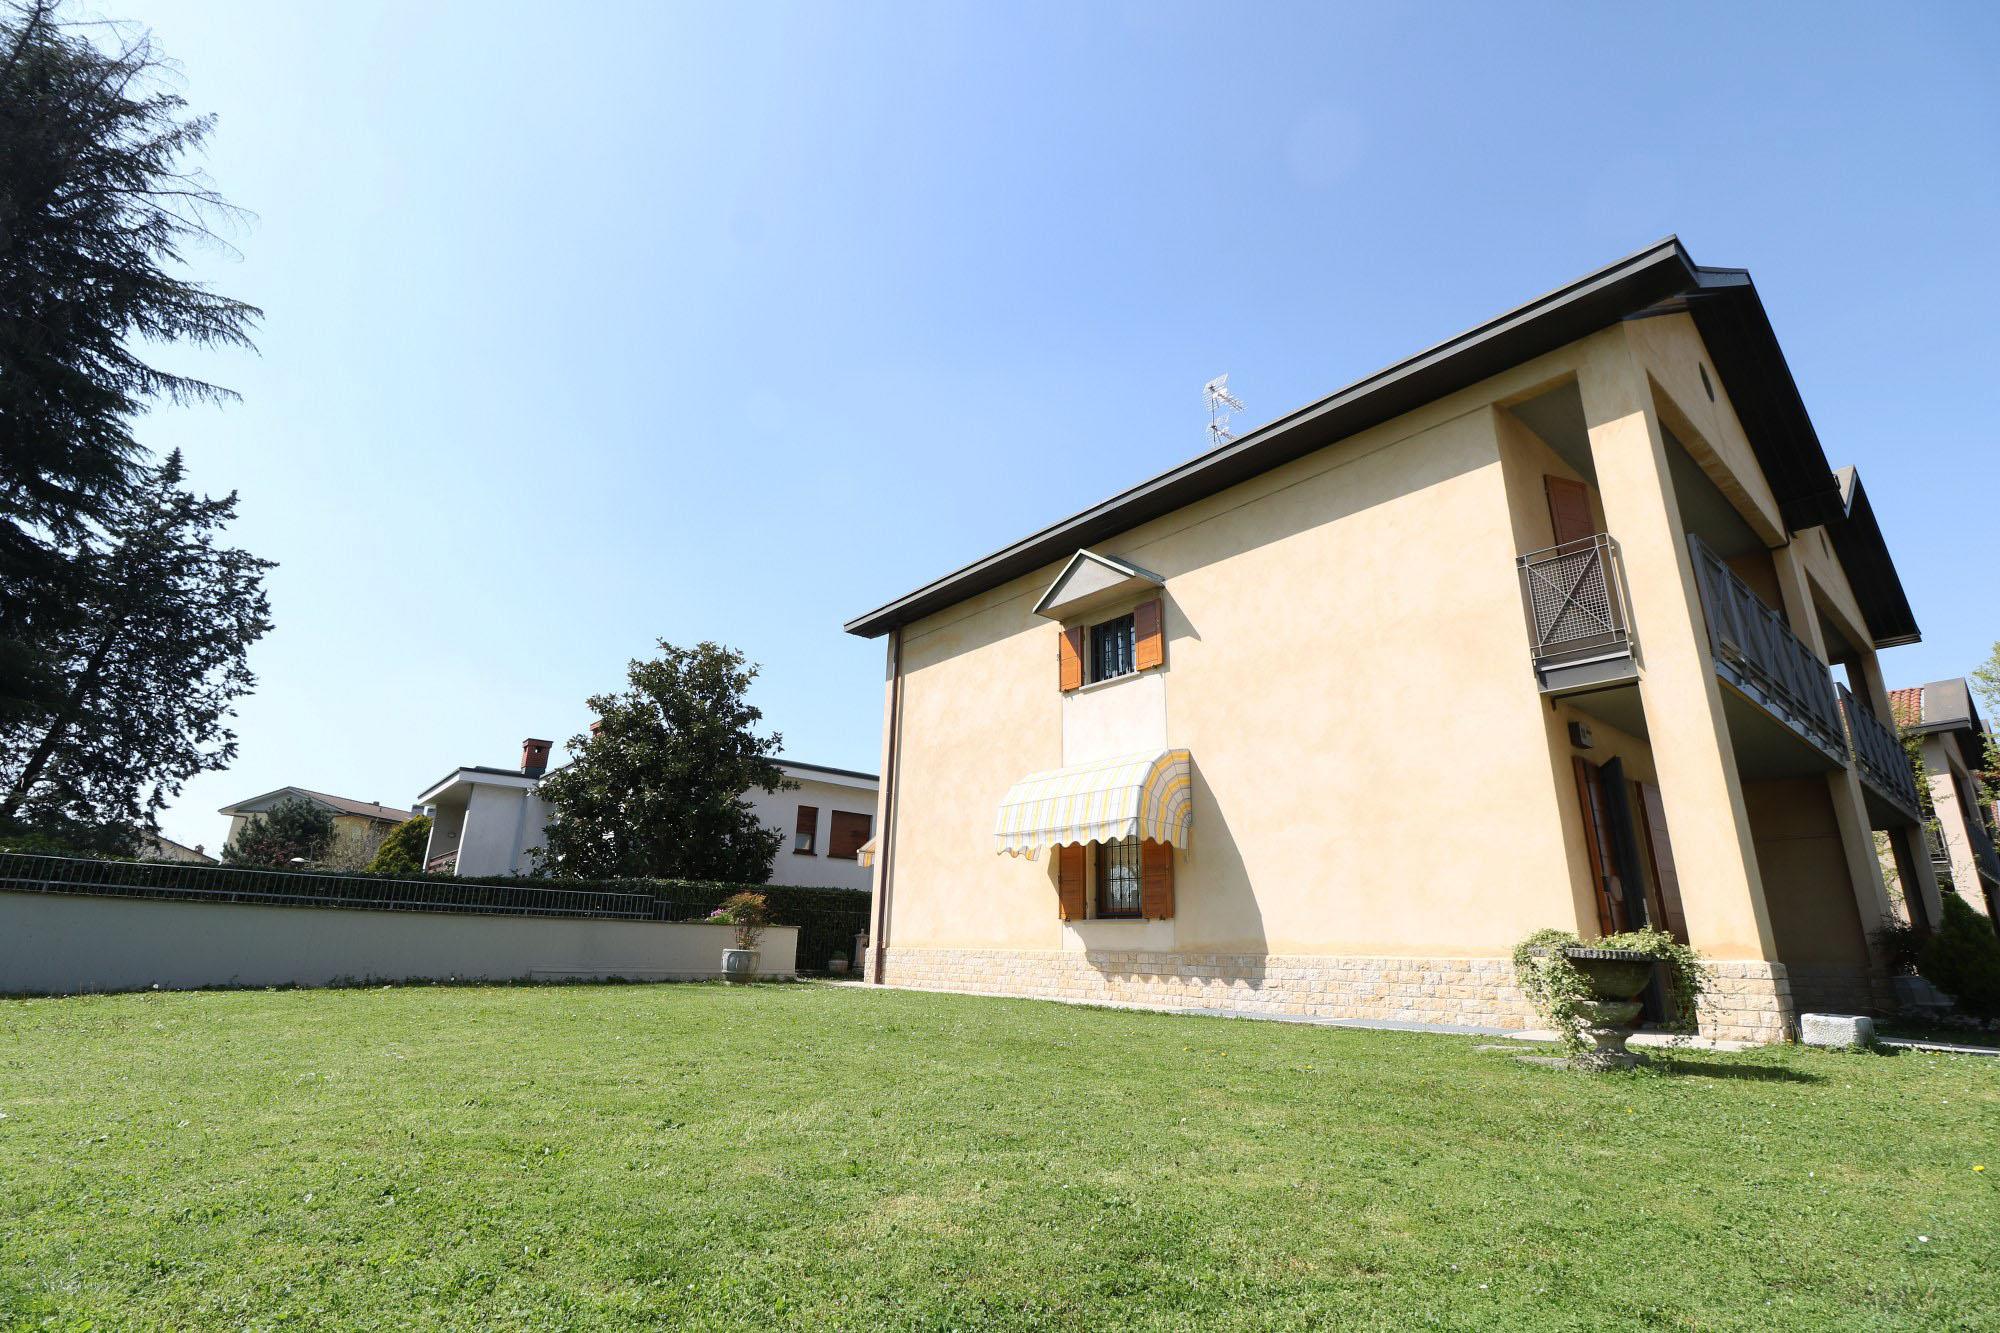 Villa Bifamiliare – Capriate San Gervasio